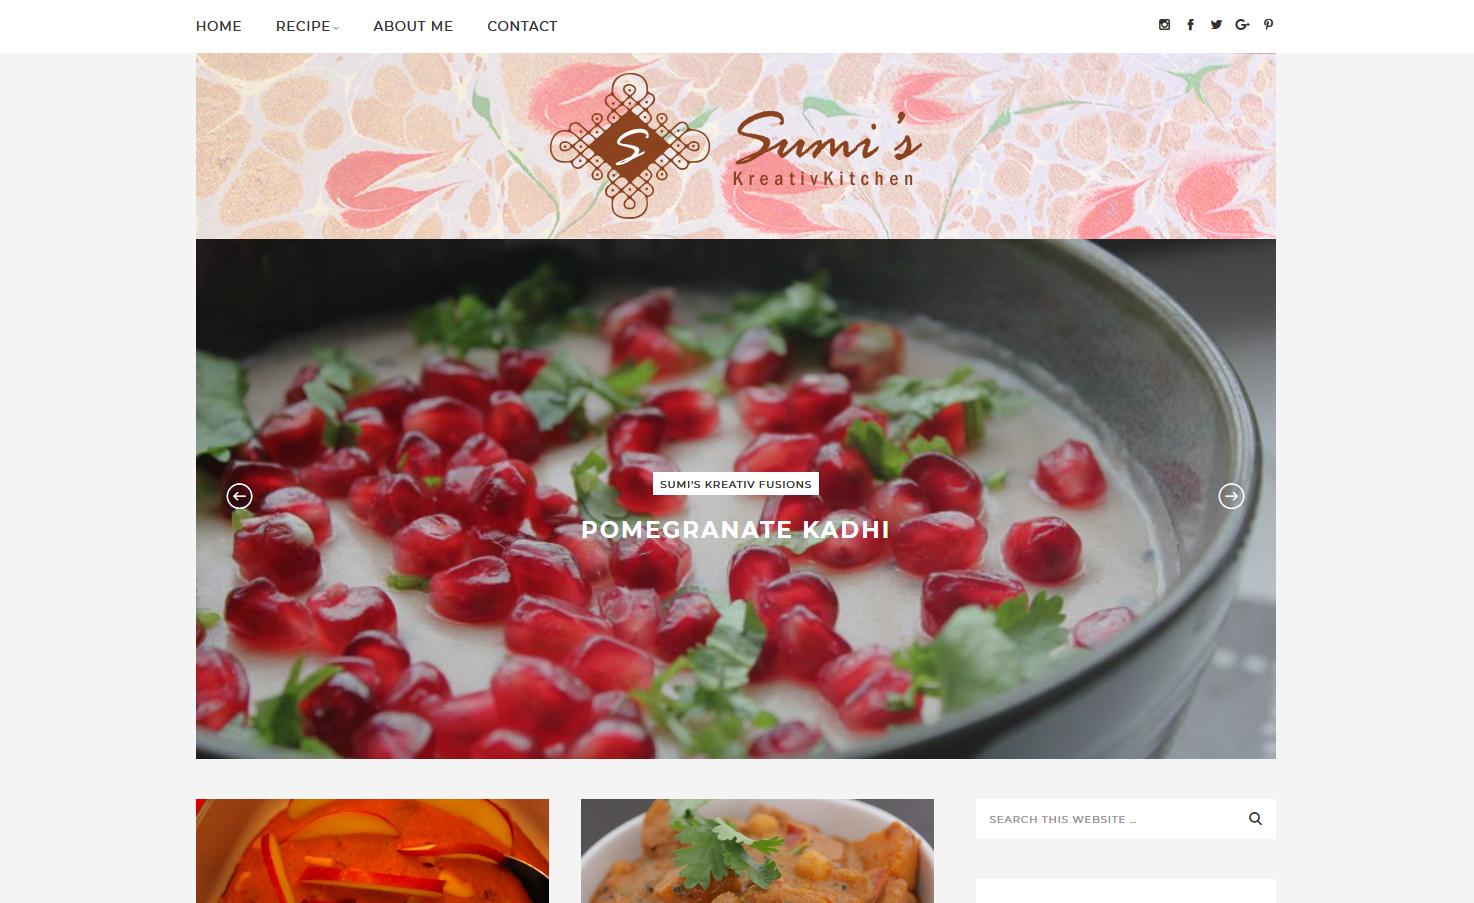 Sumi's Kreative Kitchen